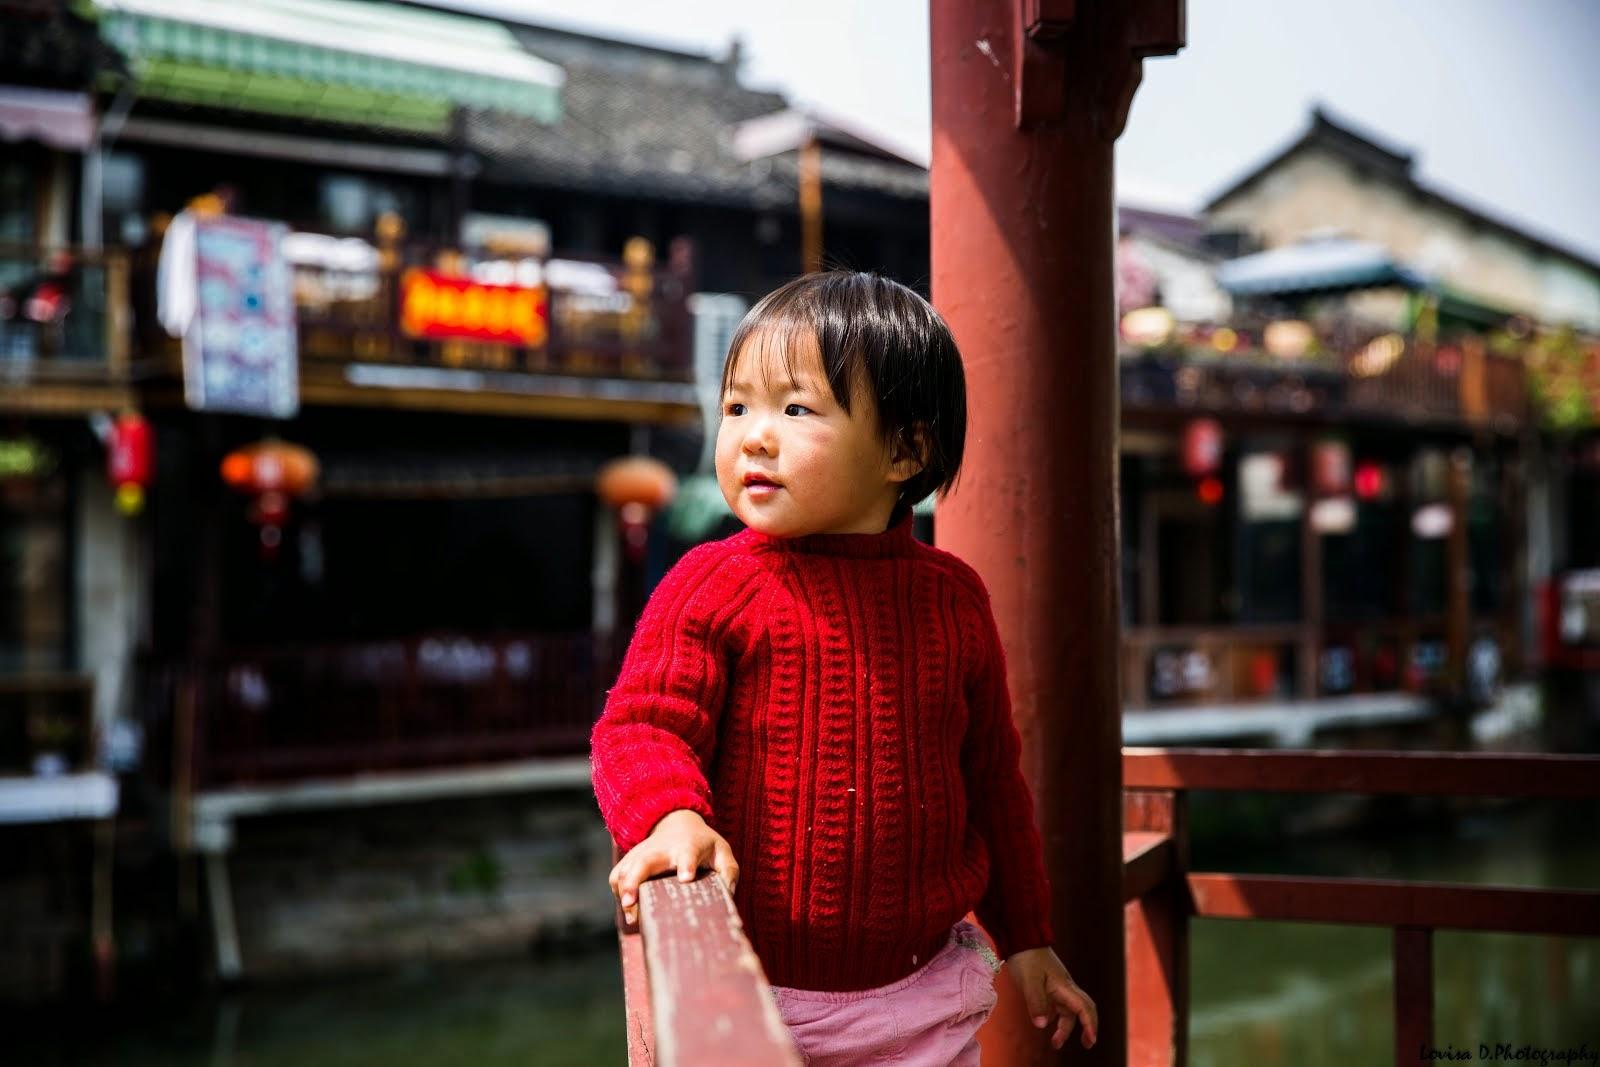 The little girl from Zhujiajio